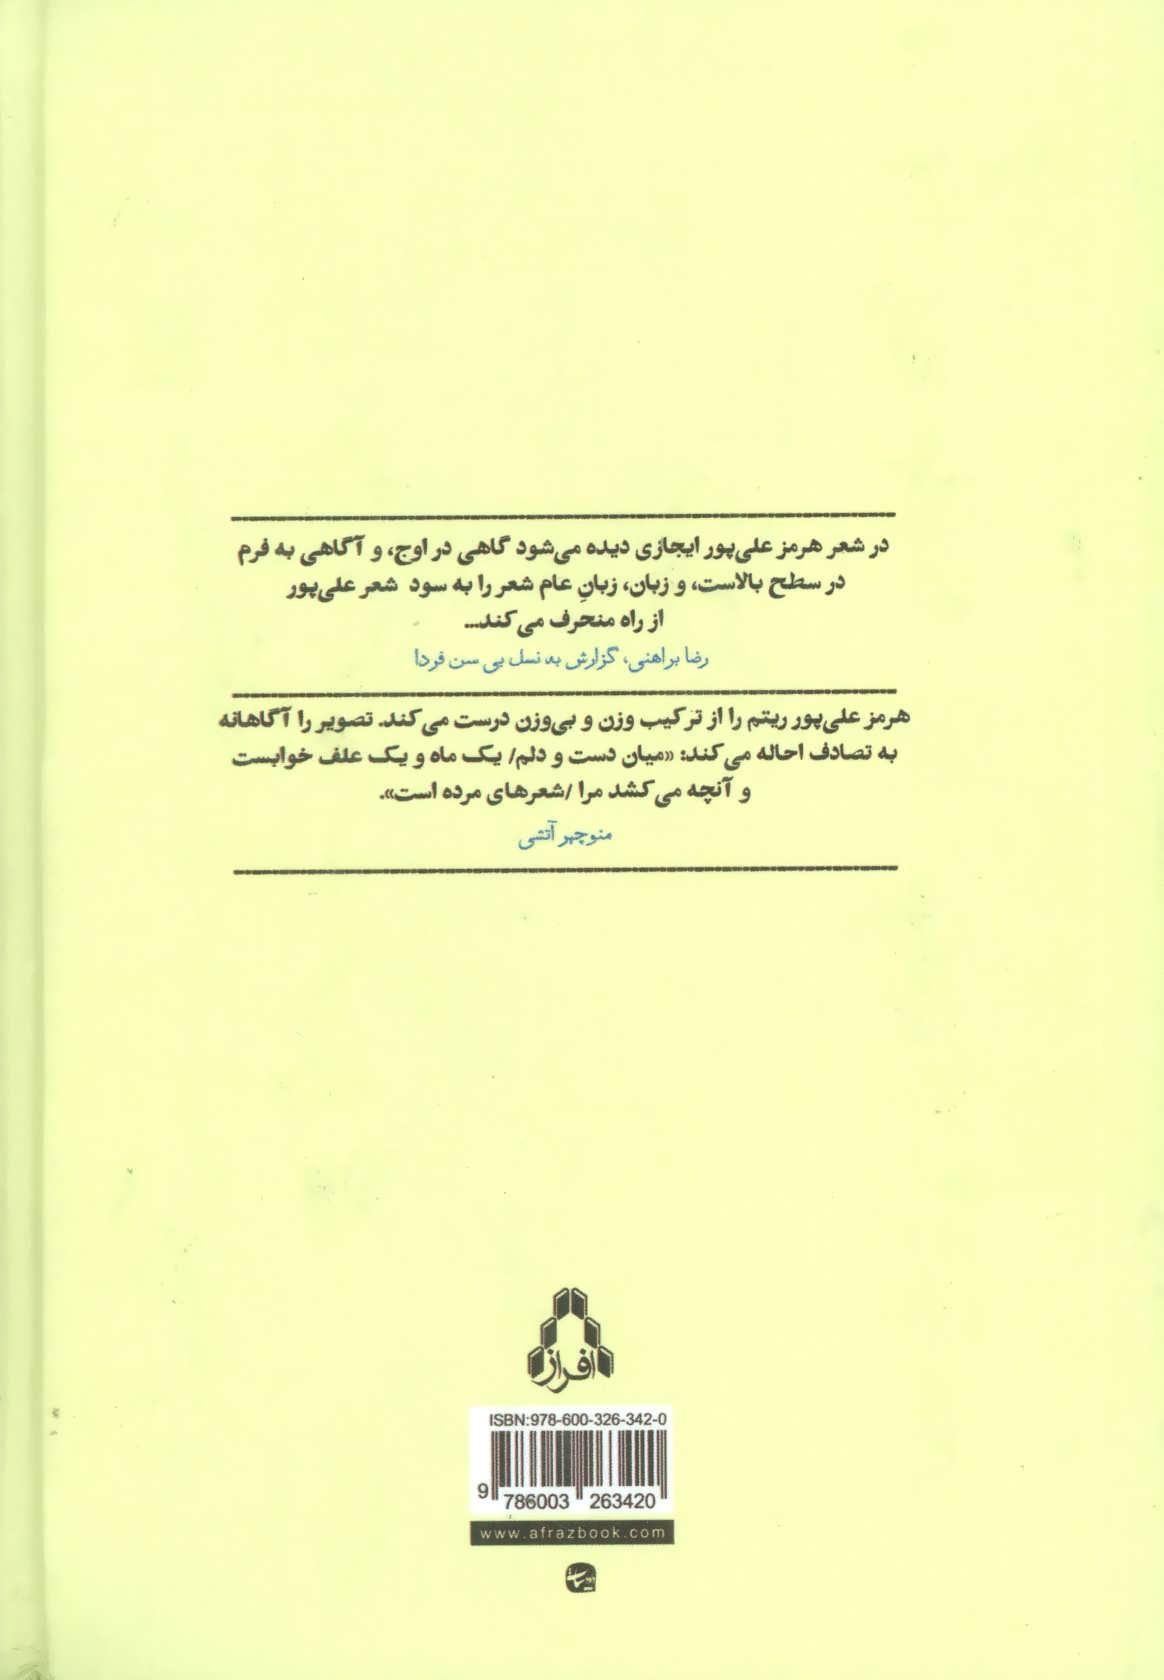 مجموعه ی کامل اشعار هرمز علی پور (شعر امروز ایران32)